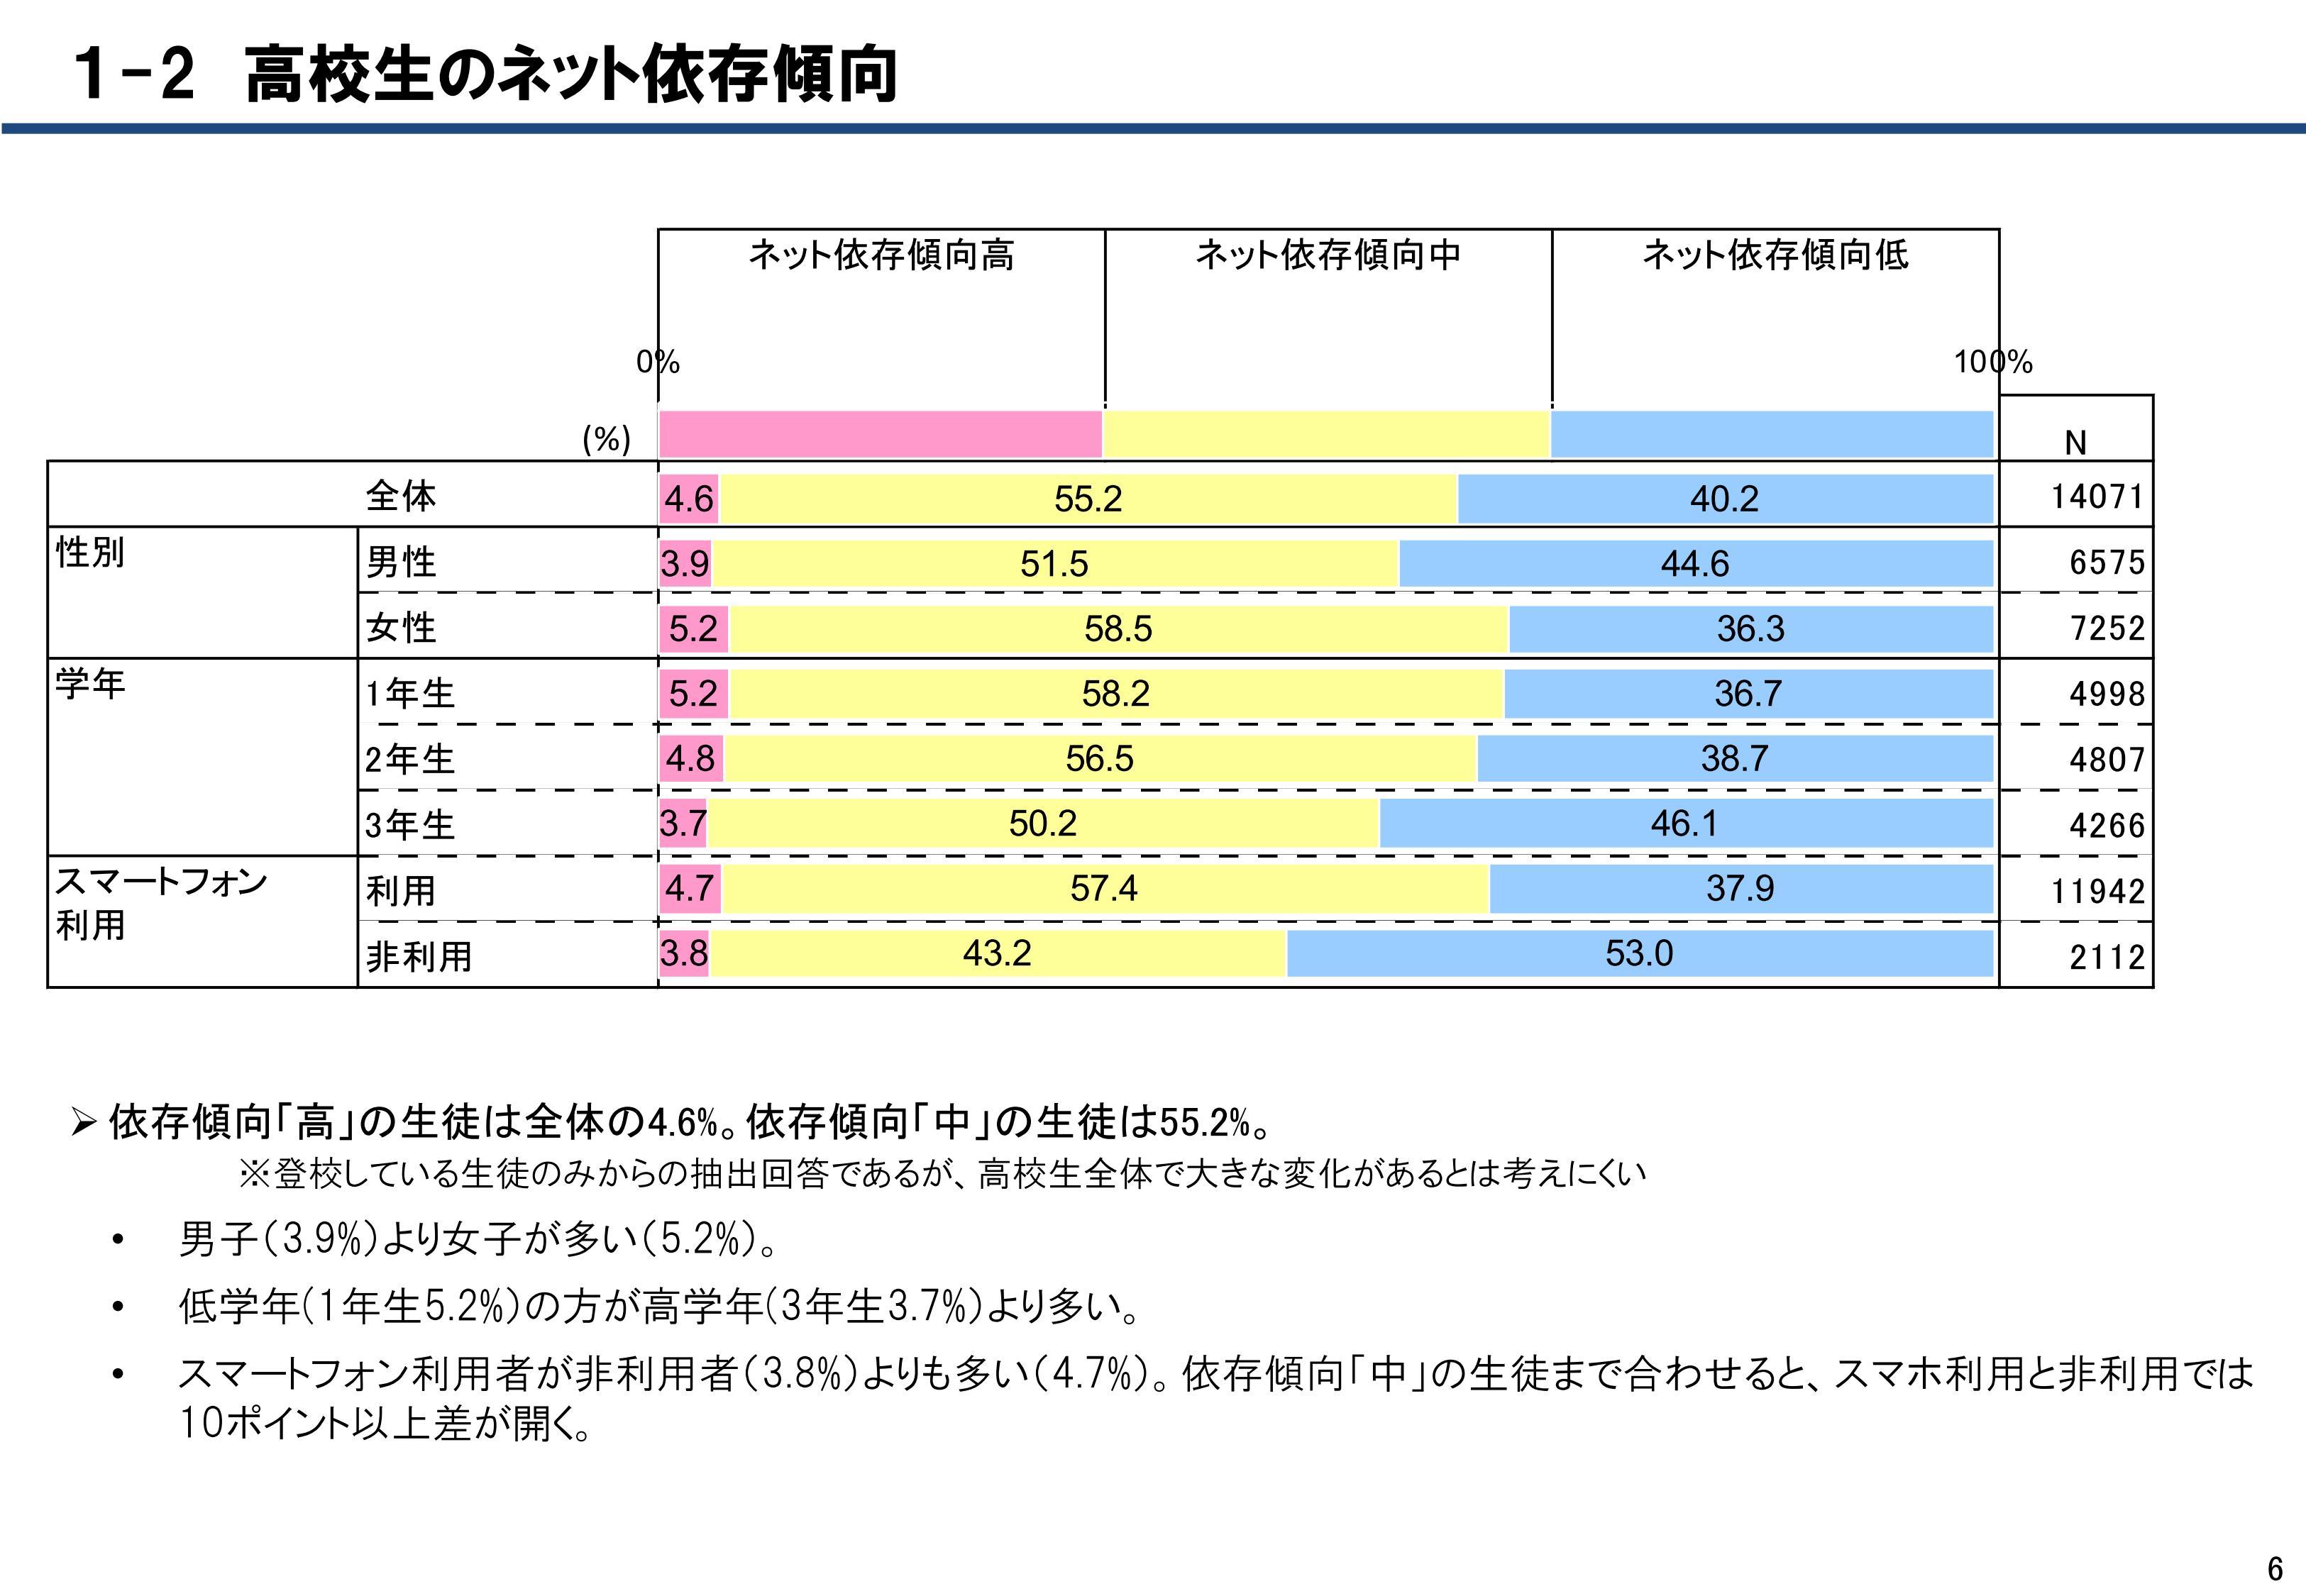 総務省/ネット依存傾向が高いのは女子 調査結果を発表